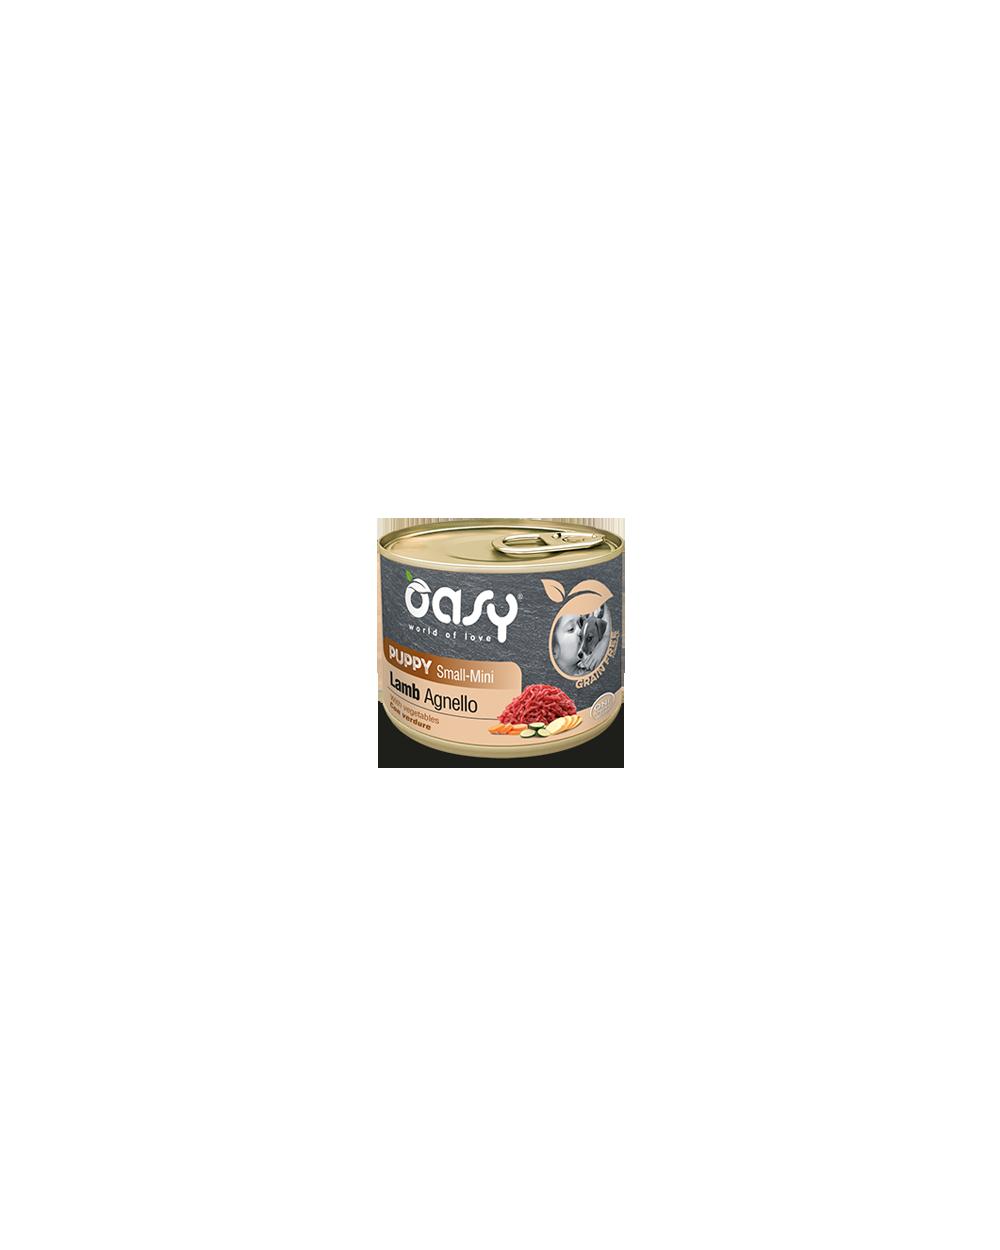 Oasy Dog Grain Free Puppy e Junior Small Mini Monoproteico Agnello